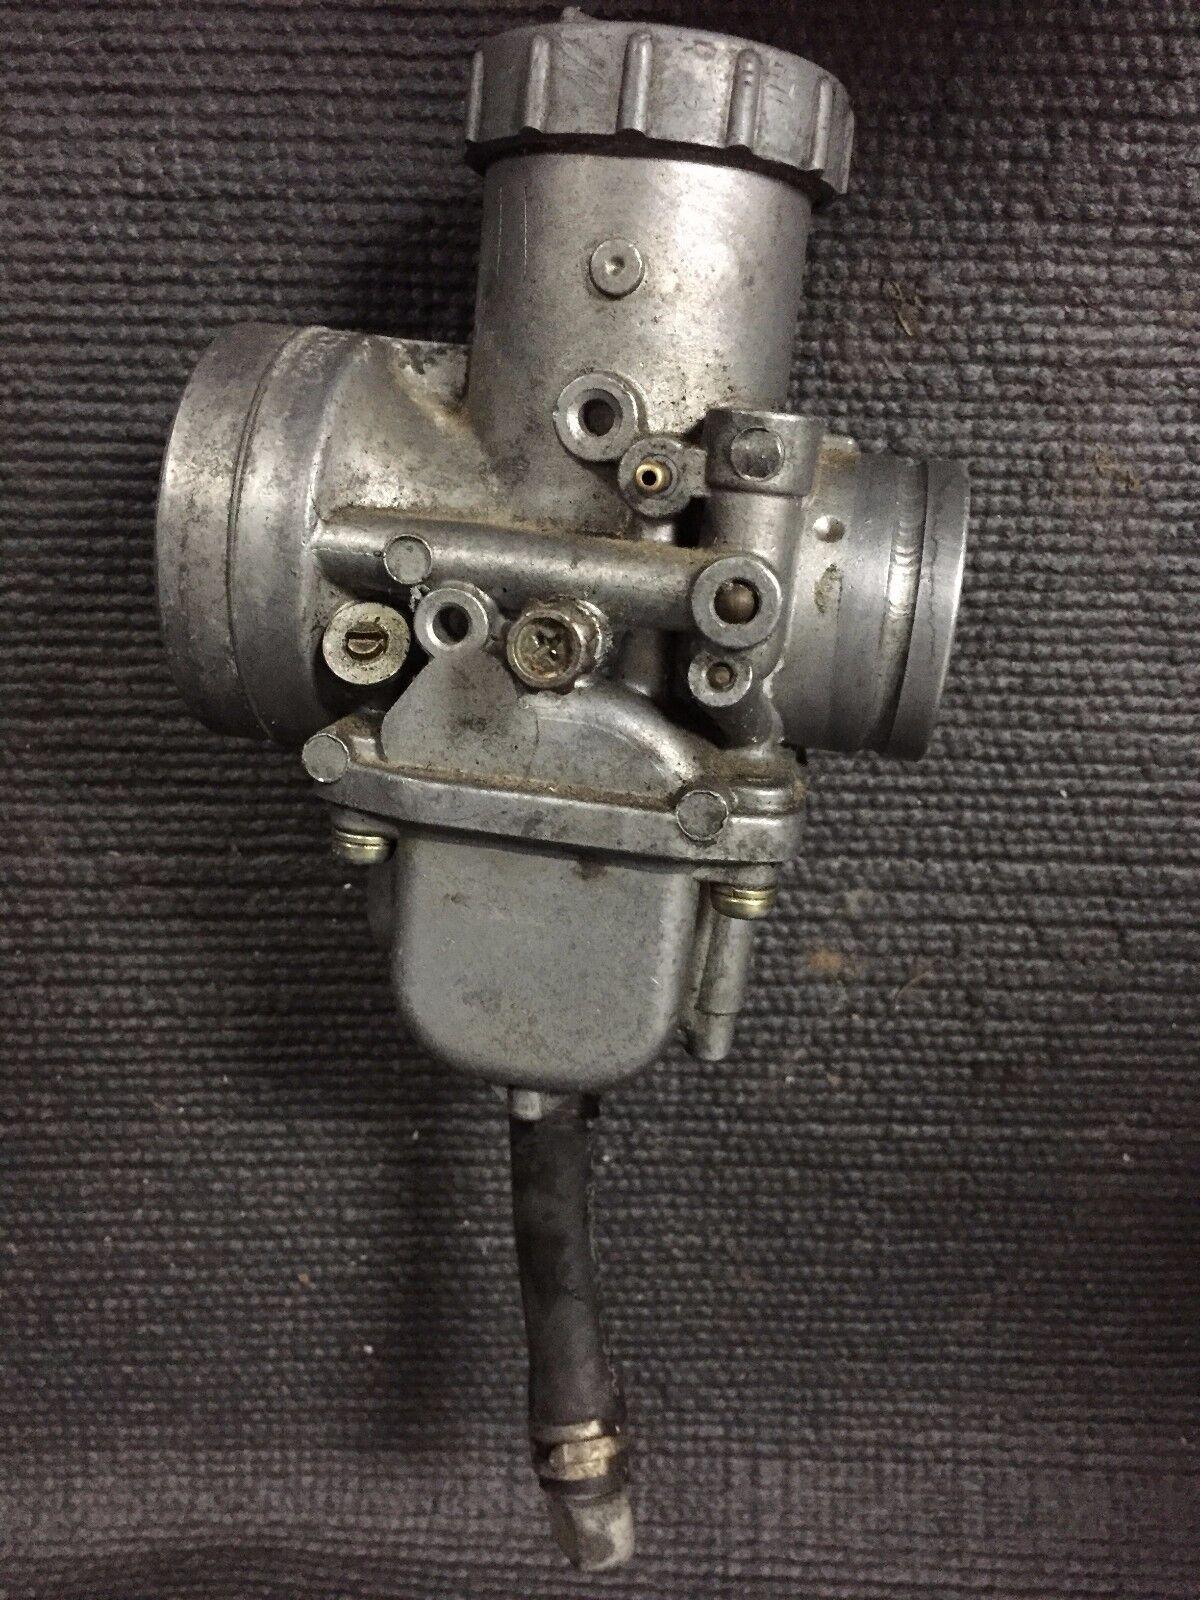 Polaris XLT OEM Carburetor Part